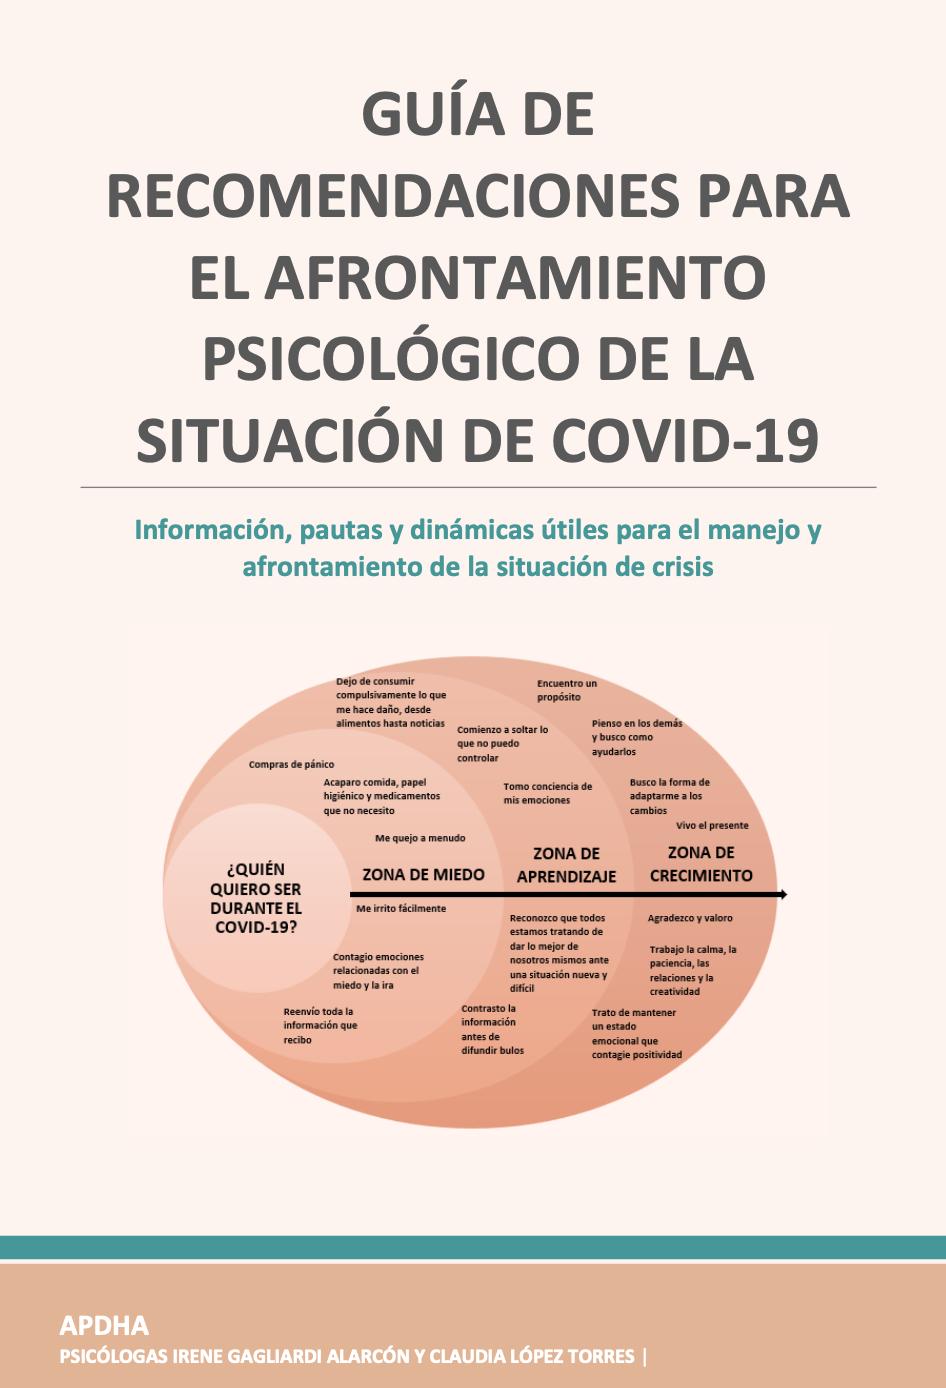 GUÍA DE RECOMENDACIONES ANTE EL COVID-19